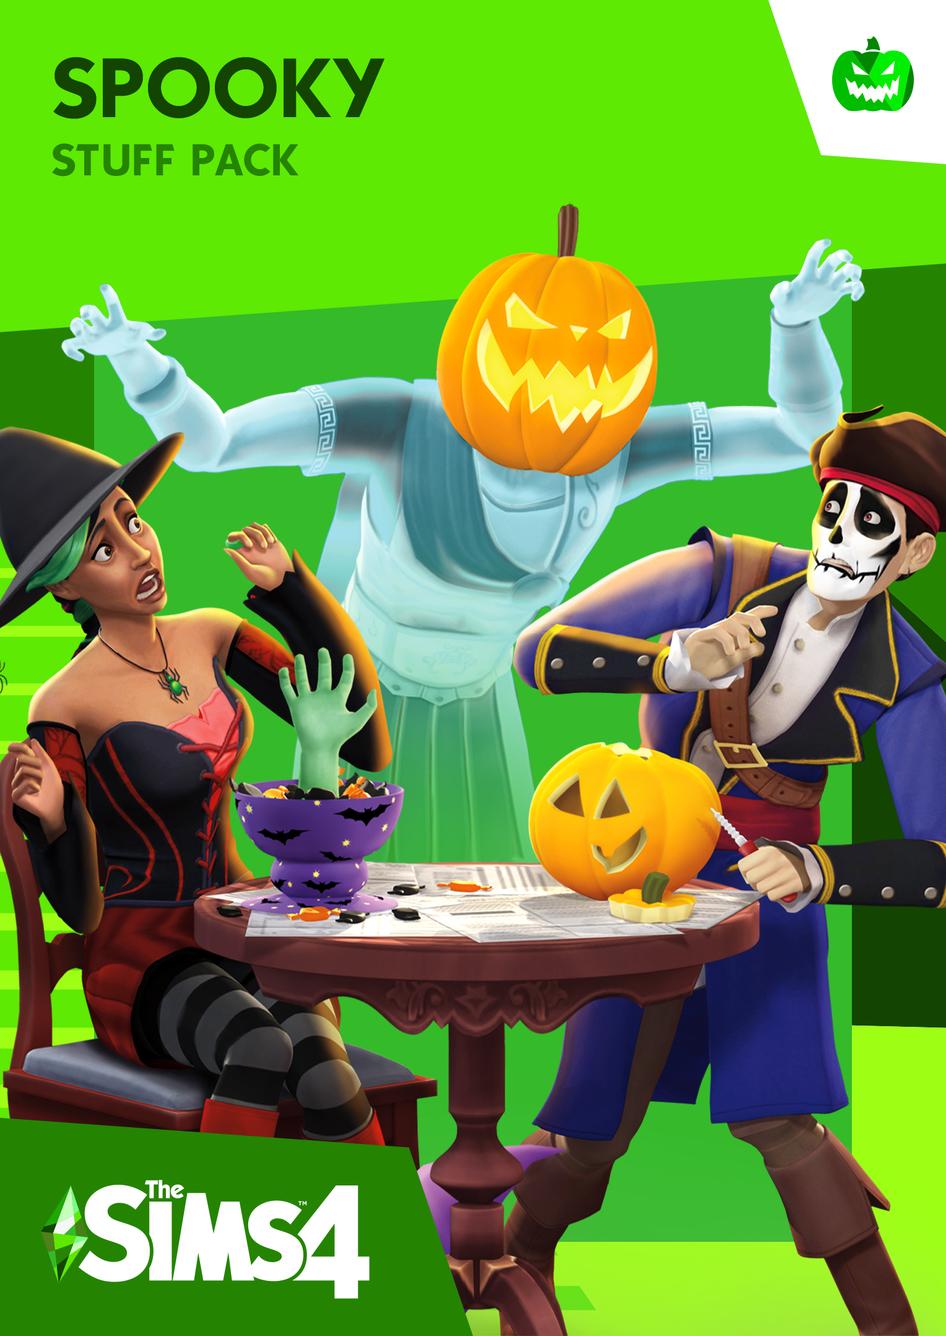 The Sims 4 Spooky Stuff Pack - Origin